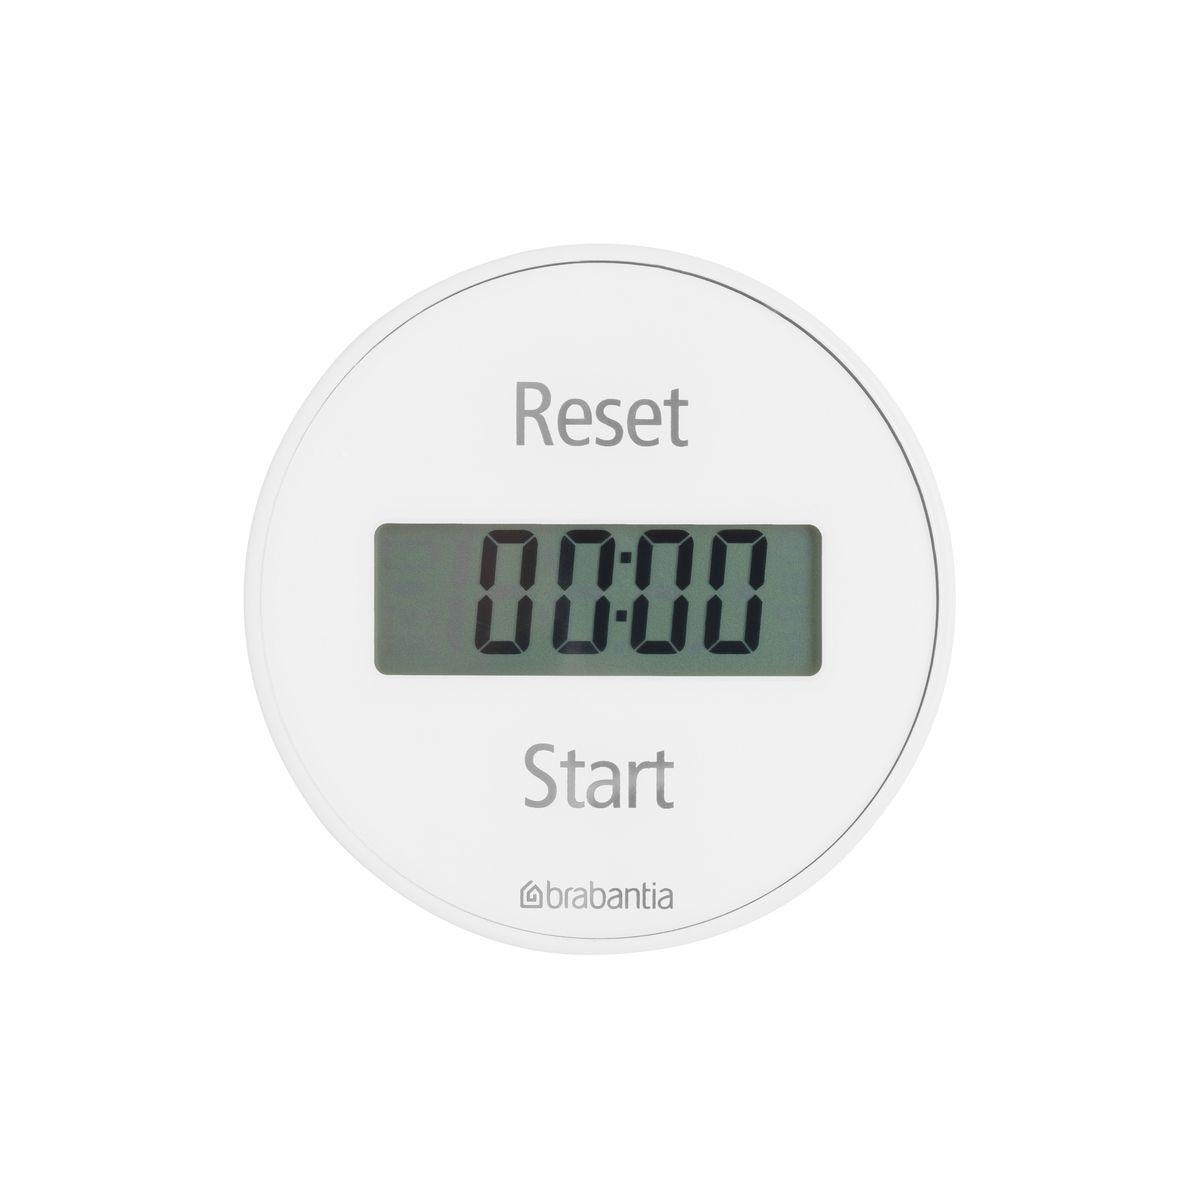 Кухонный таймер Brabantia Tasty Colours103681Кухонный таймер на магните с прямым и обратным отсчетом в диапазоне до 99 минут. Просто поверните внешнее кольцо прибора для установки времени, необходимого для приготовления Вашего любимого блюда. Звуковой сигнал известит Вас о готовности. Таймер легко и быстро устанавливается с помощью внешнего кольца - просто поверните; Удобное крепление - на магните; Функция таймера и секундомера; В комплект входит батарея CR2032; 5-летняя гарантия Brabantia.